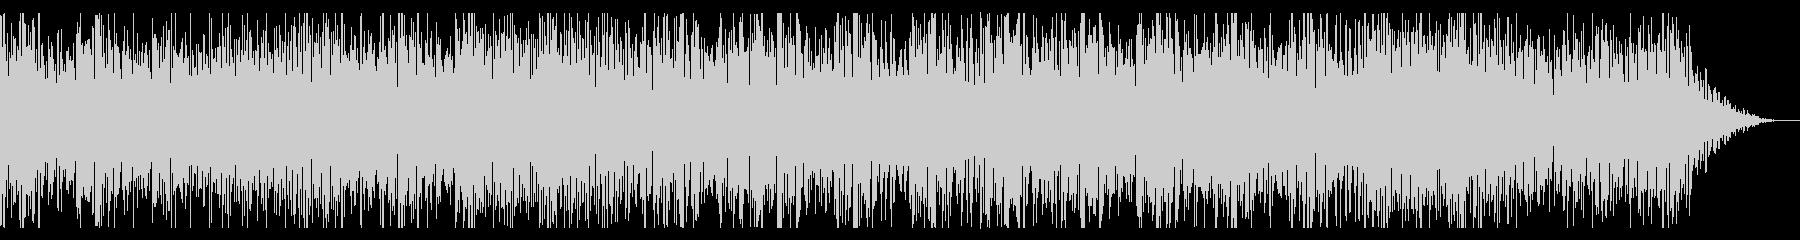 生録ギターカフェ系ボッサ楽曲の未再生の波形